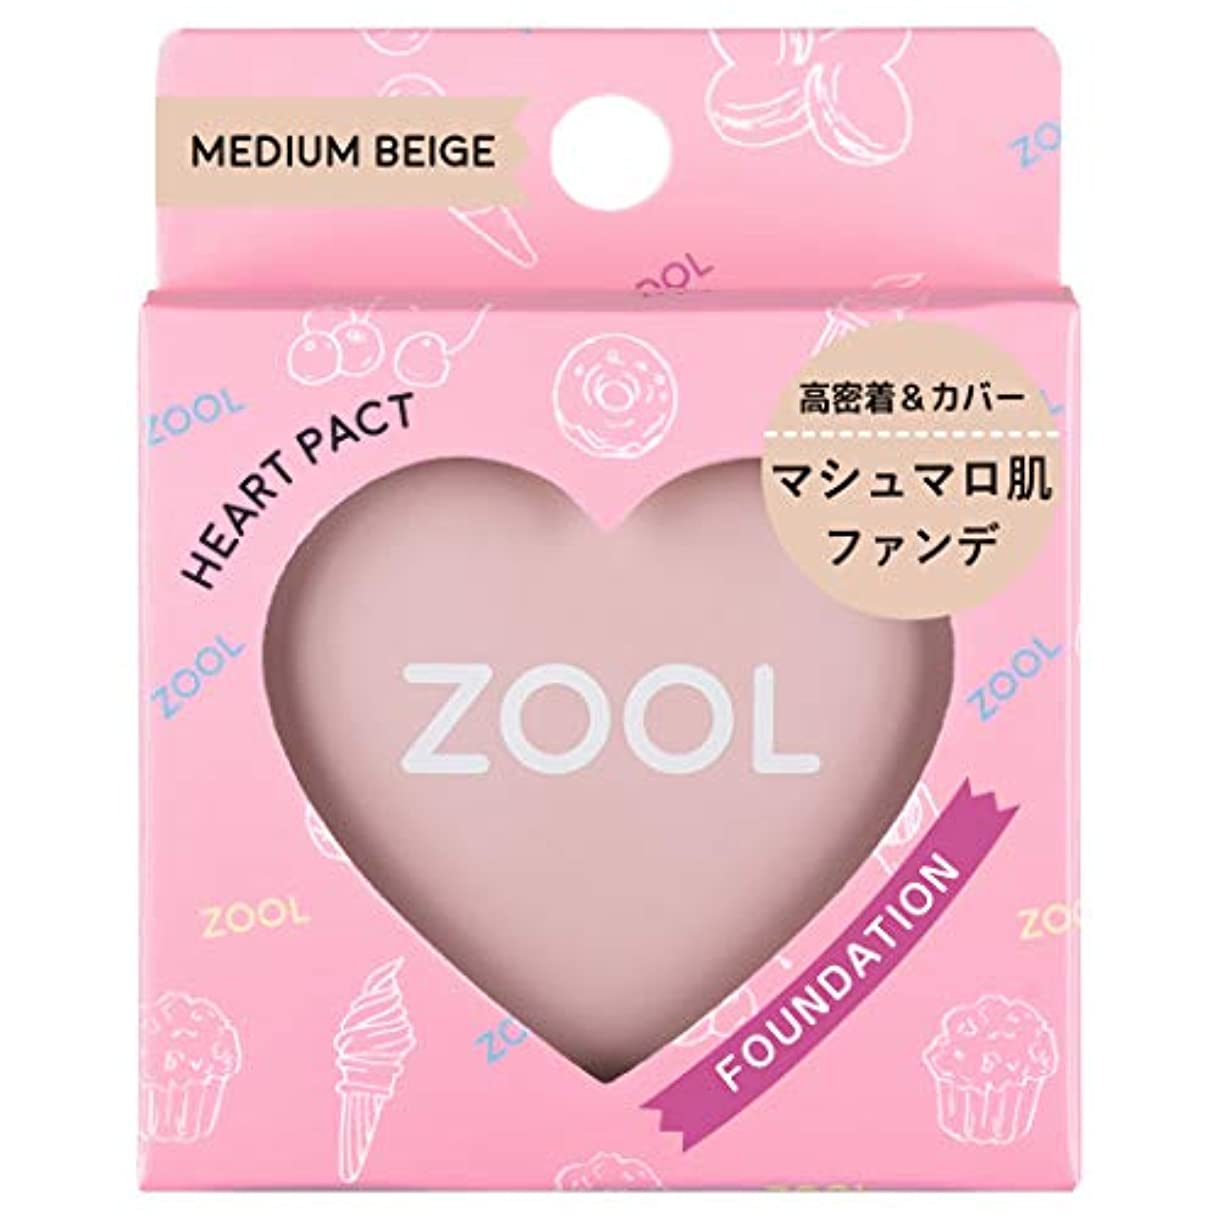 セットアップ掃く自動化ZOOL (ズール) ハートパクト ミディアムベージュ (ファンデ) (1個)